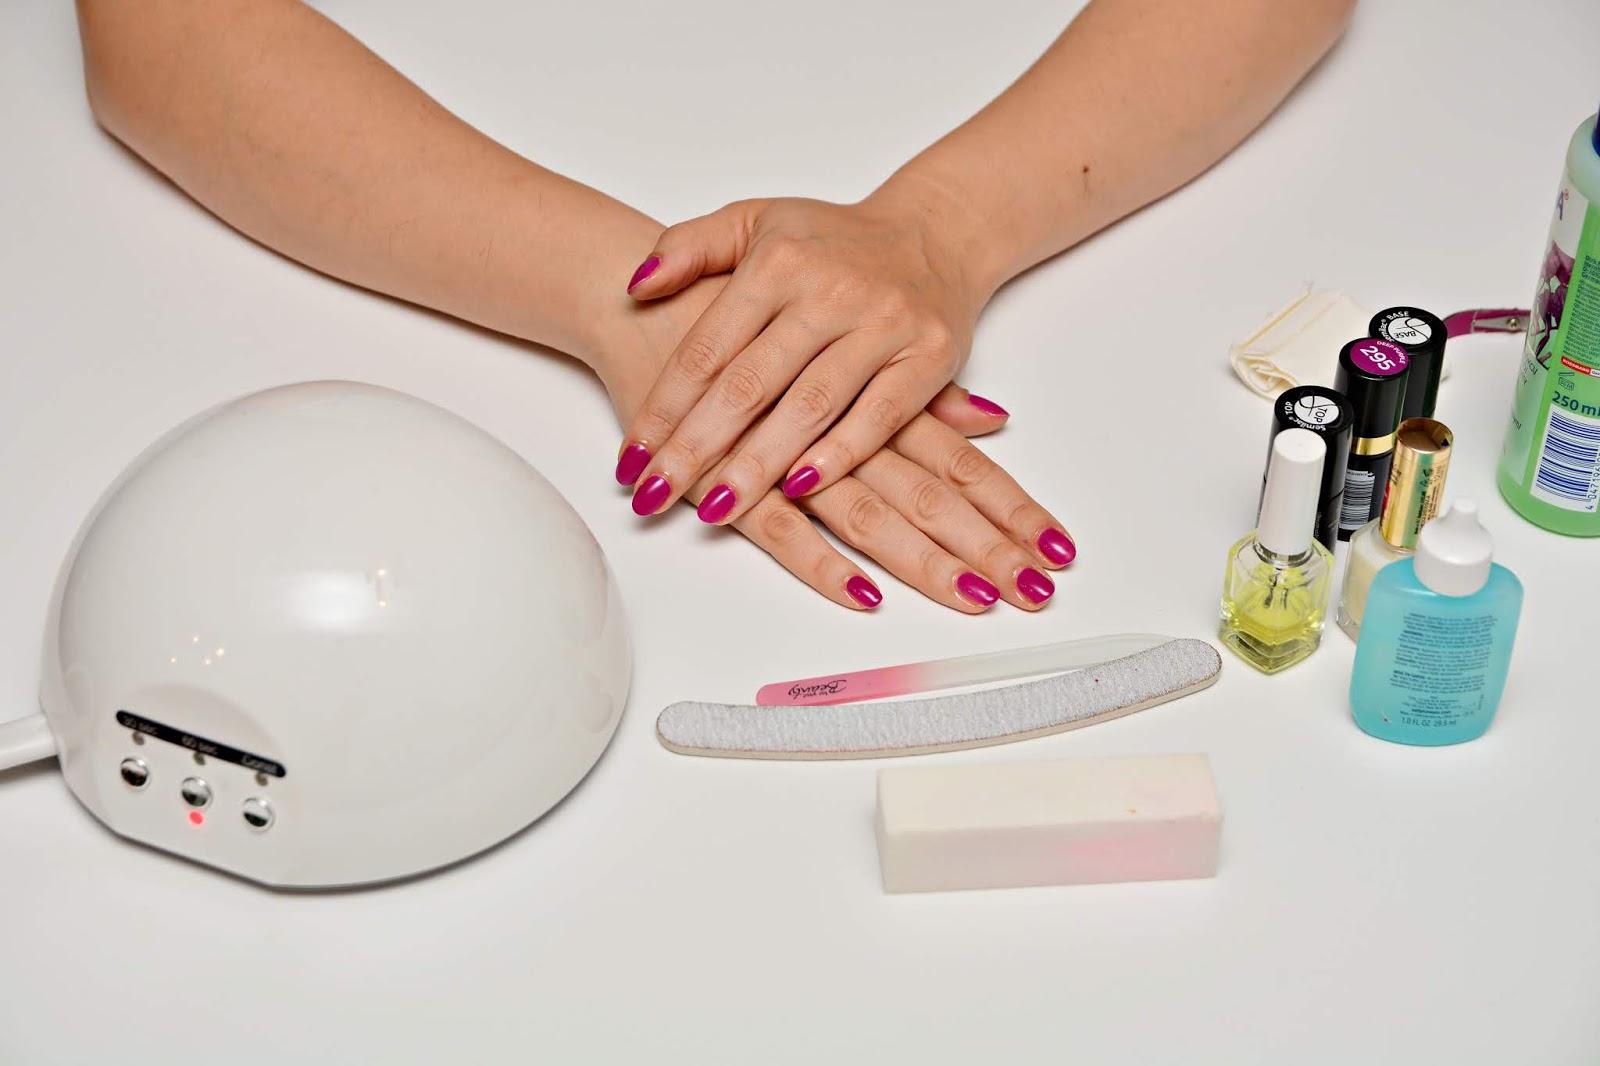 jak zrobić paznokcie hybrydowe w domu krok po kroku